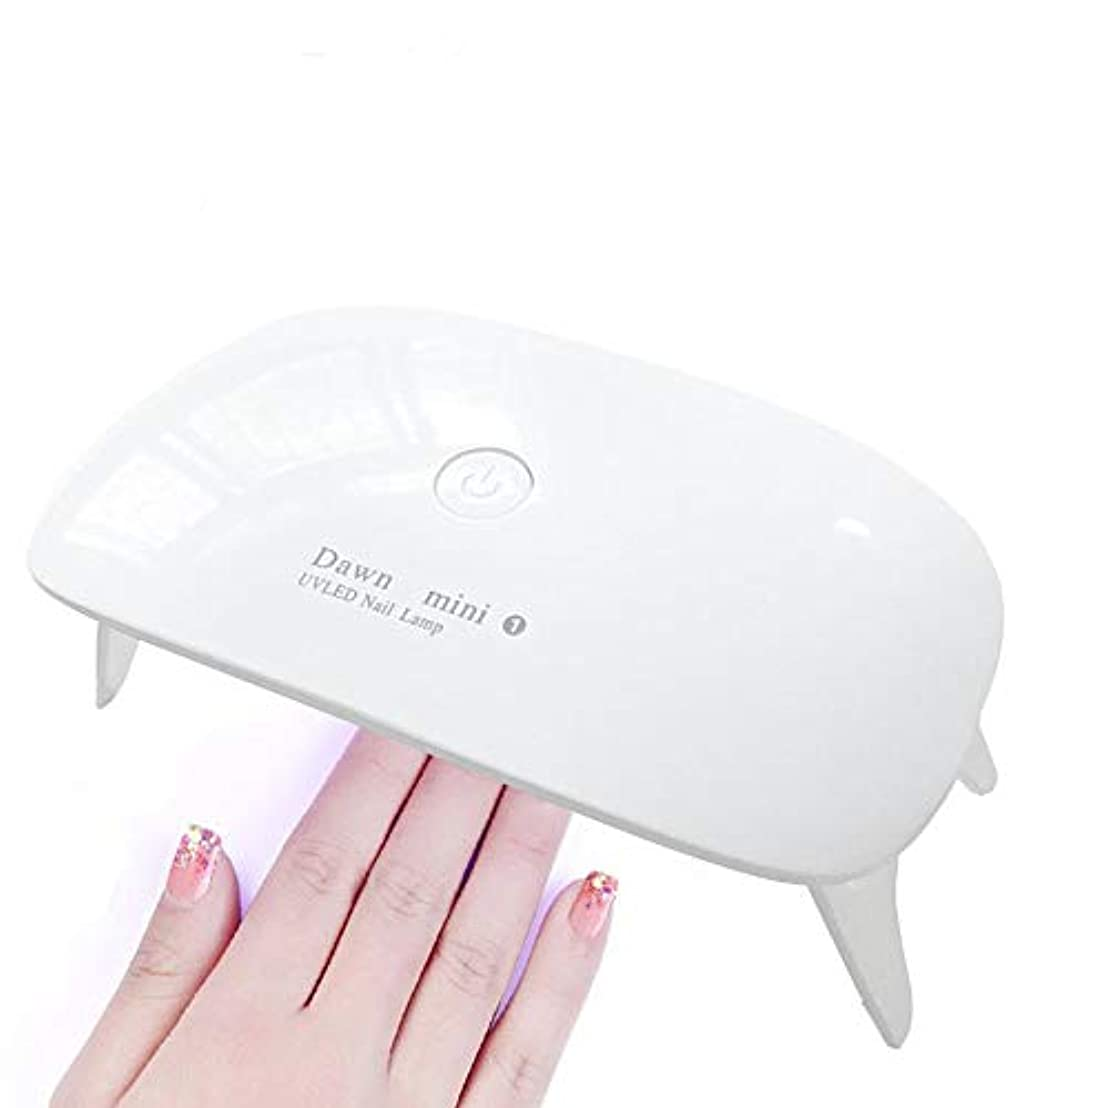 ルート同情排泄物LEDネイルドライヤー UVライト レジン用 硬化ライト タイマー設定可能 折りたたみ式手足とも使える UV と LEDダブルライト ジェルネイル と レジンクラフト用